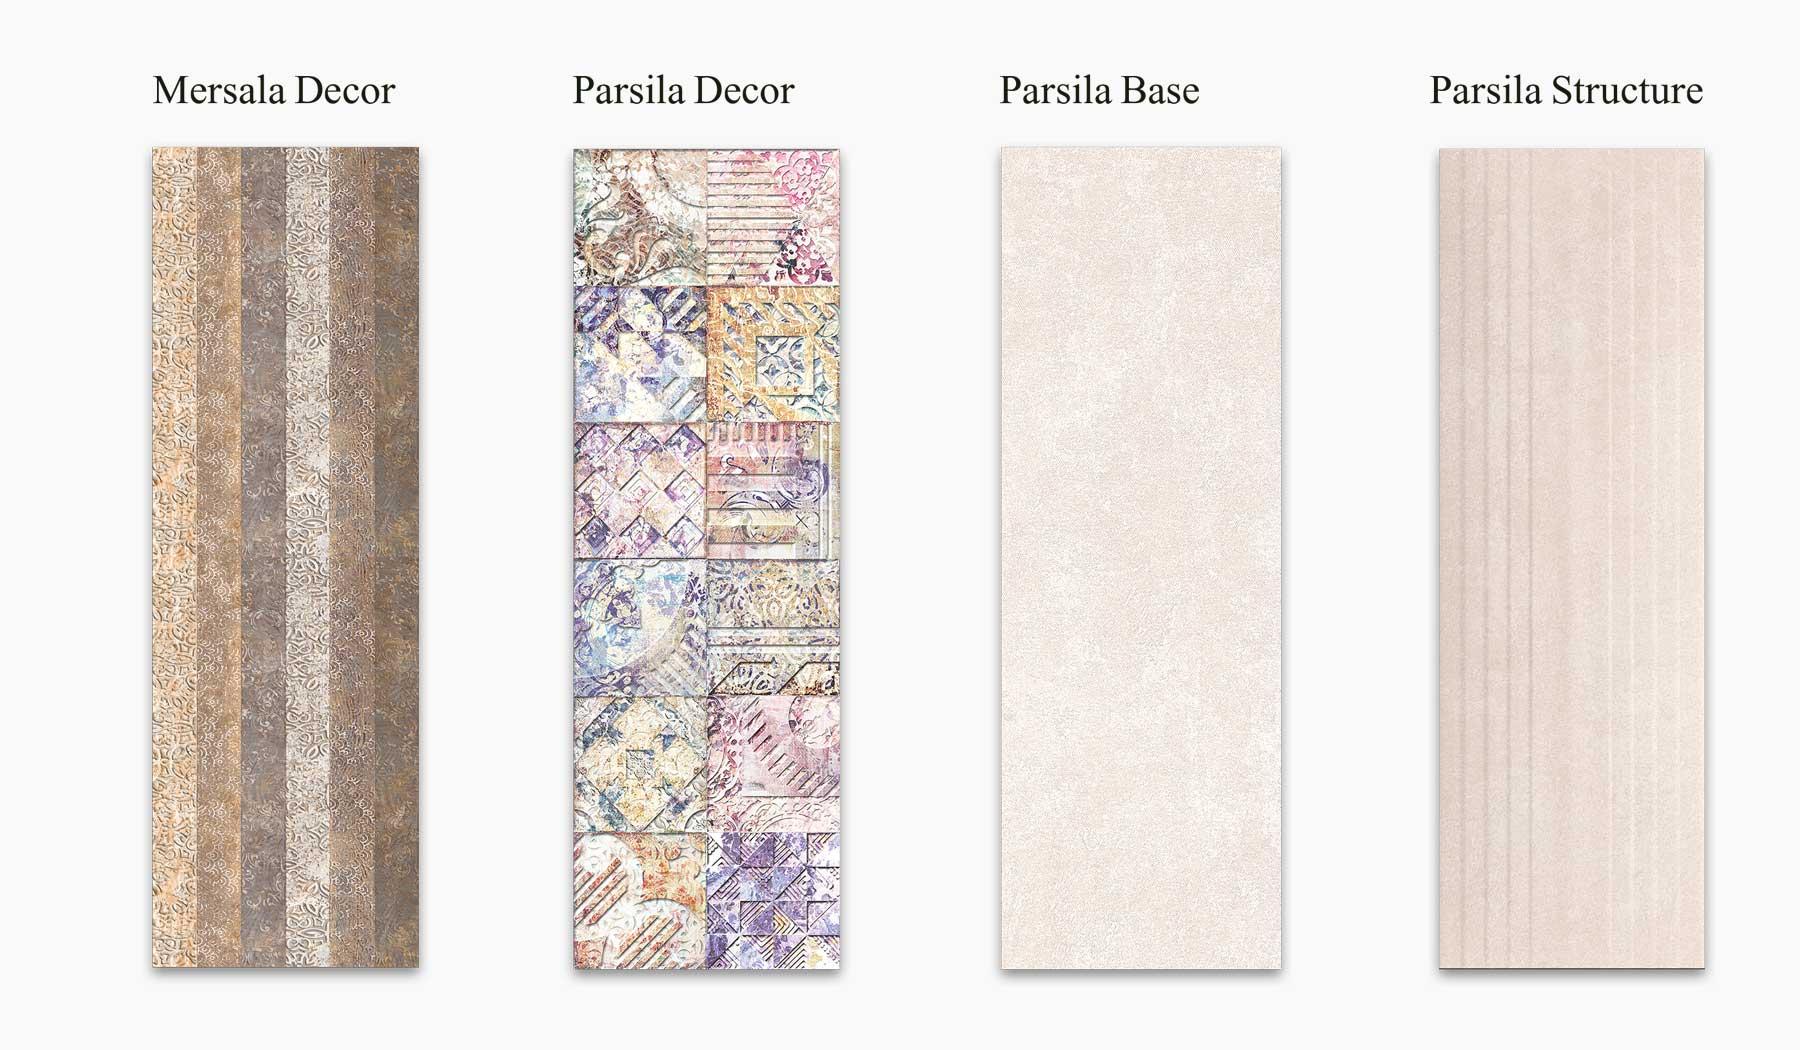 کاشی و سرامیک بوم سرامیک ، کاشی دیوار مجموعه مرسالا قهوه ای سایز 90 * 30 لعاب مات - با زمینه سیمانی